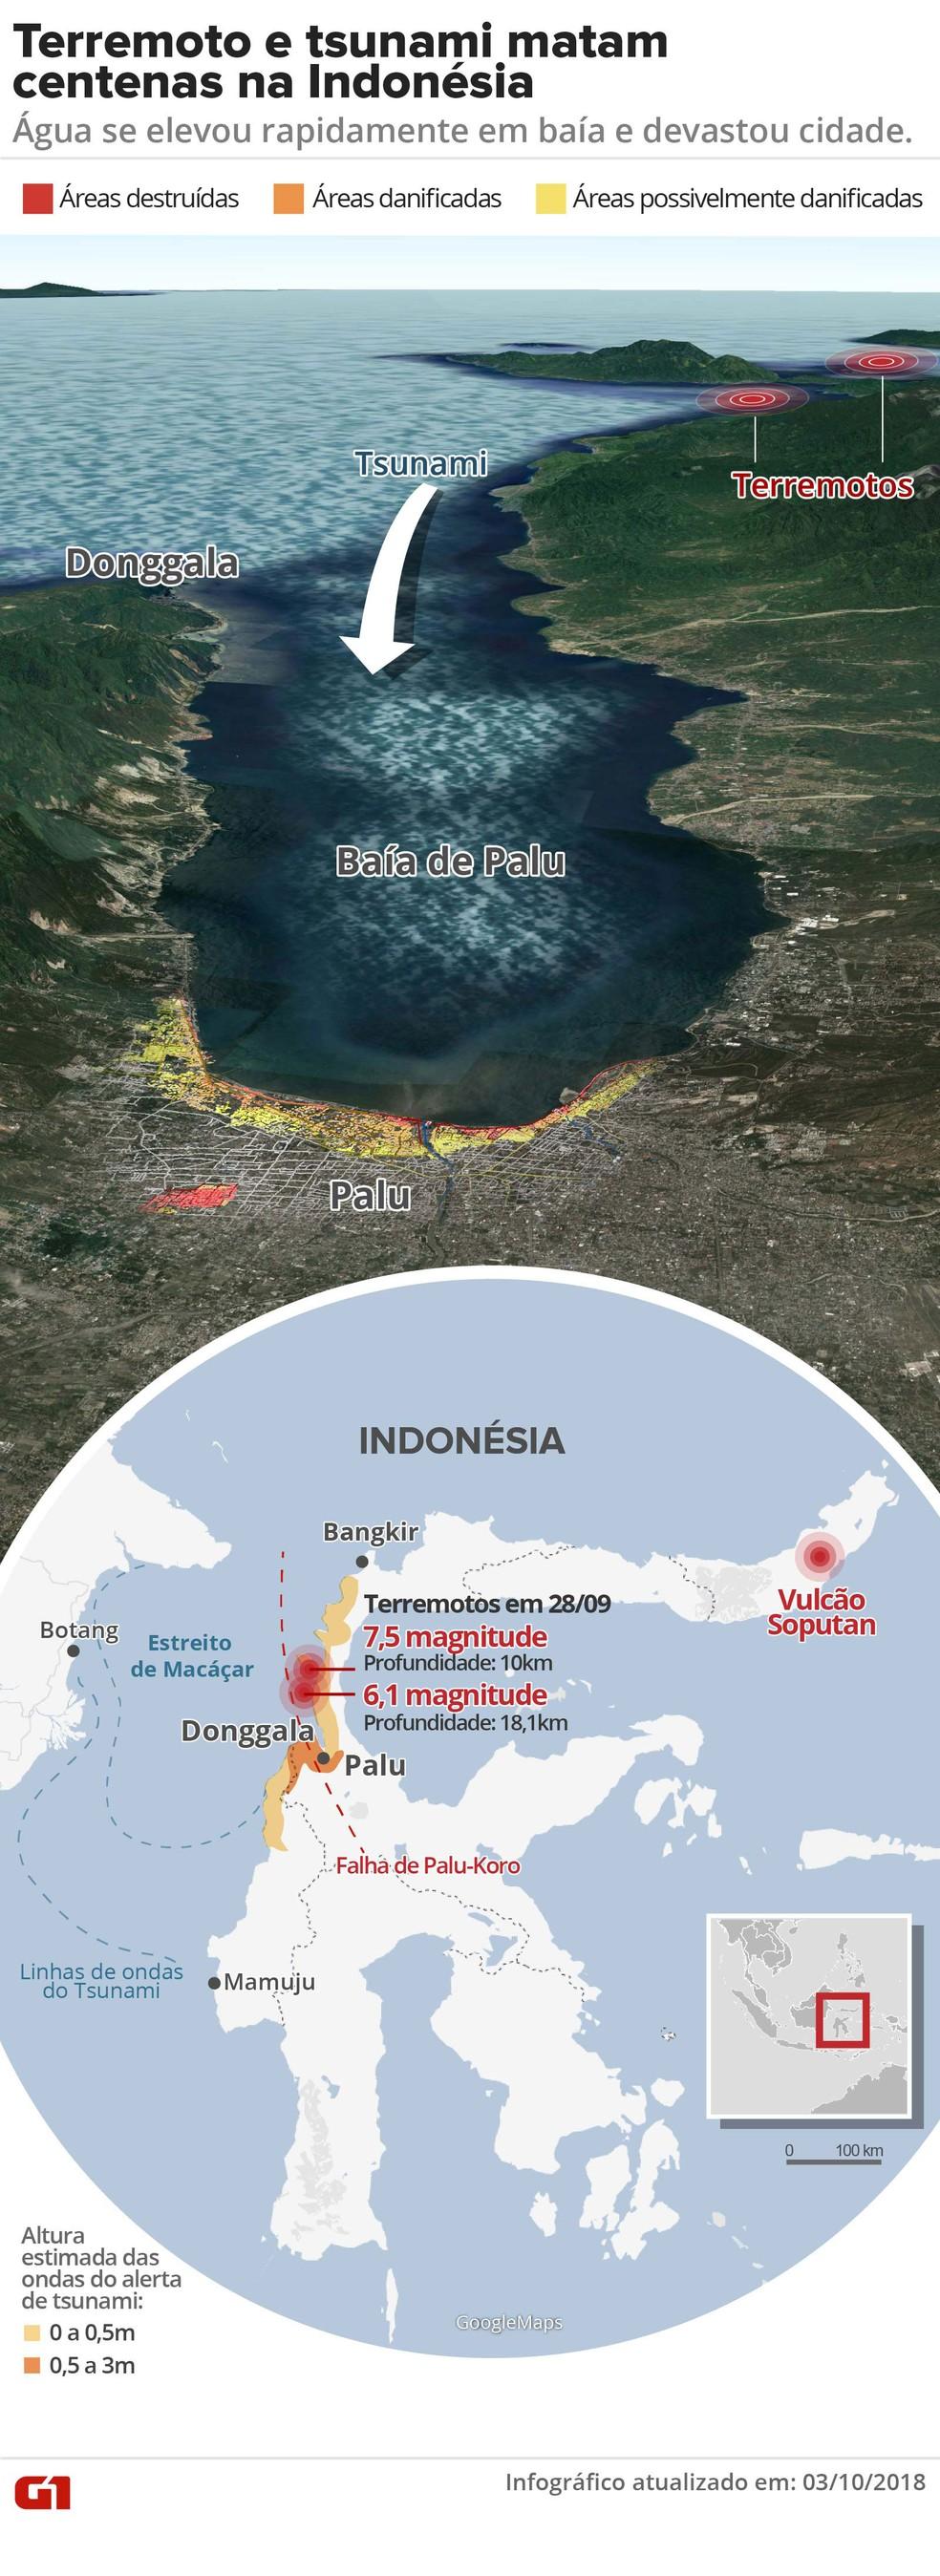 Mapa mostra como aconteceu o tsunami na Indonésia — Foto: Infografia: Juliane Souza, Roberta Jaworski e Karina Almeida